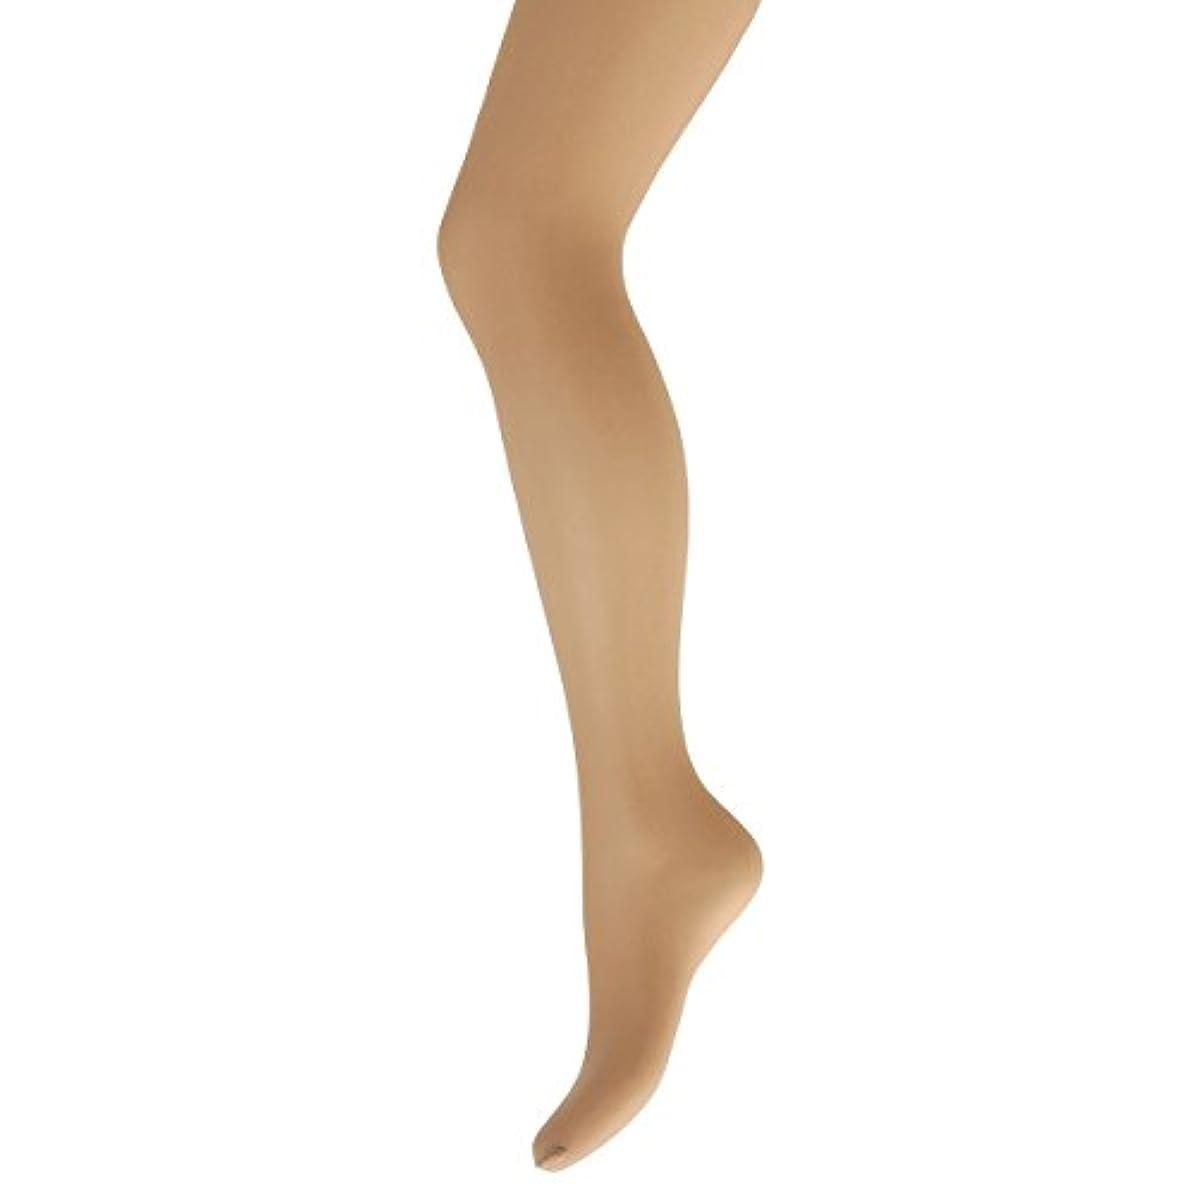 うぬぼれ注入入る(モア)MORE Leg Cure 着圧パンティストッキング 2足組 日本製